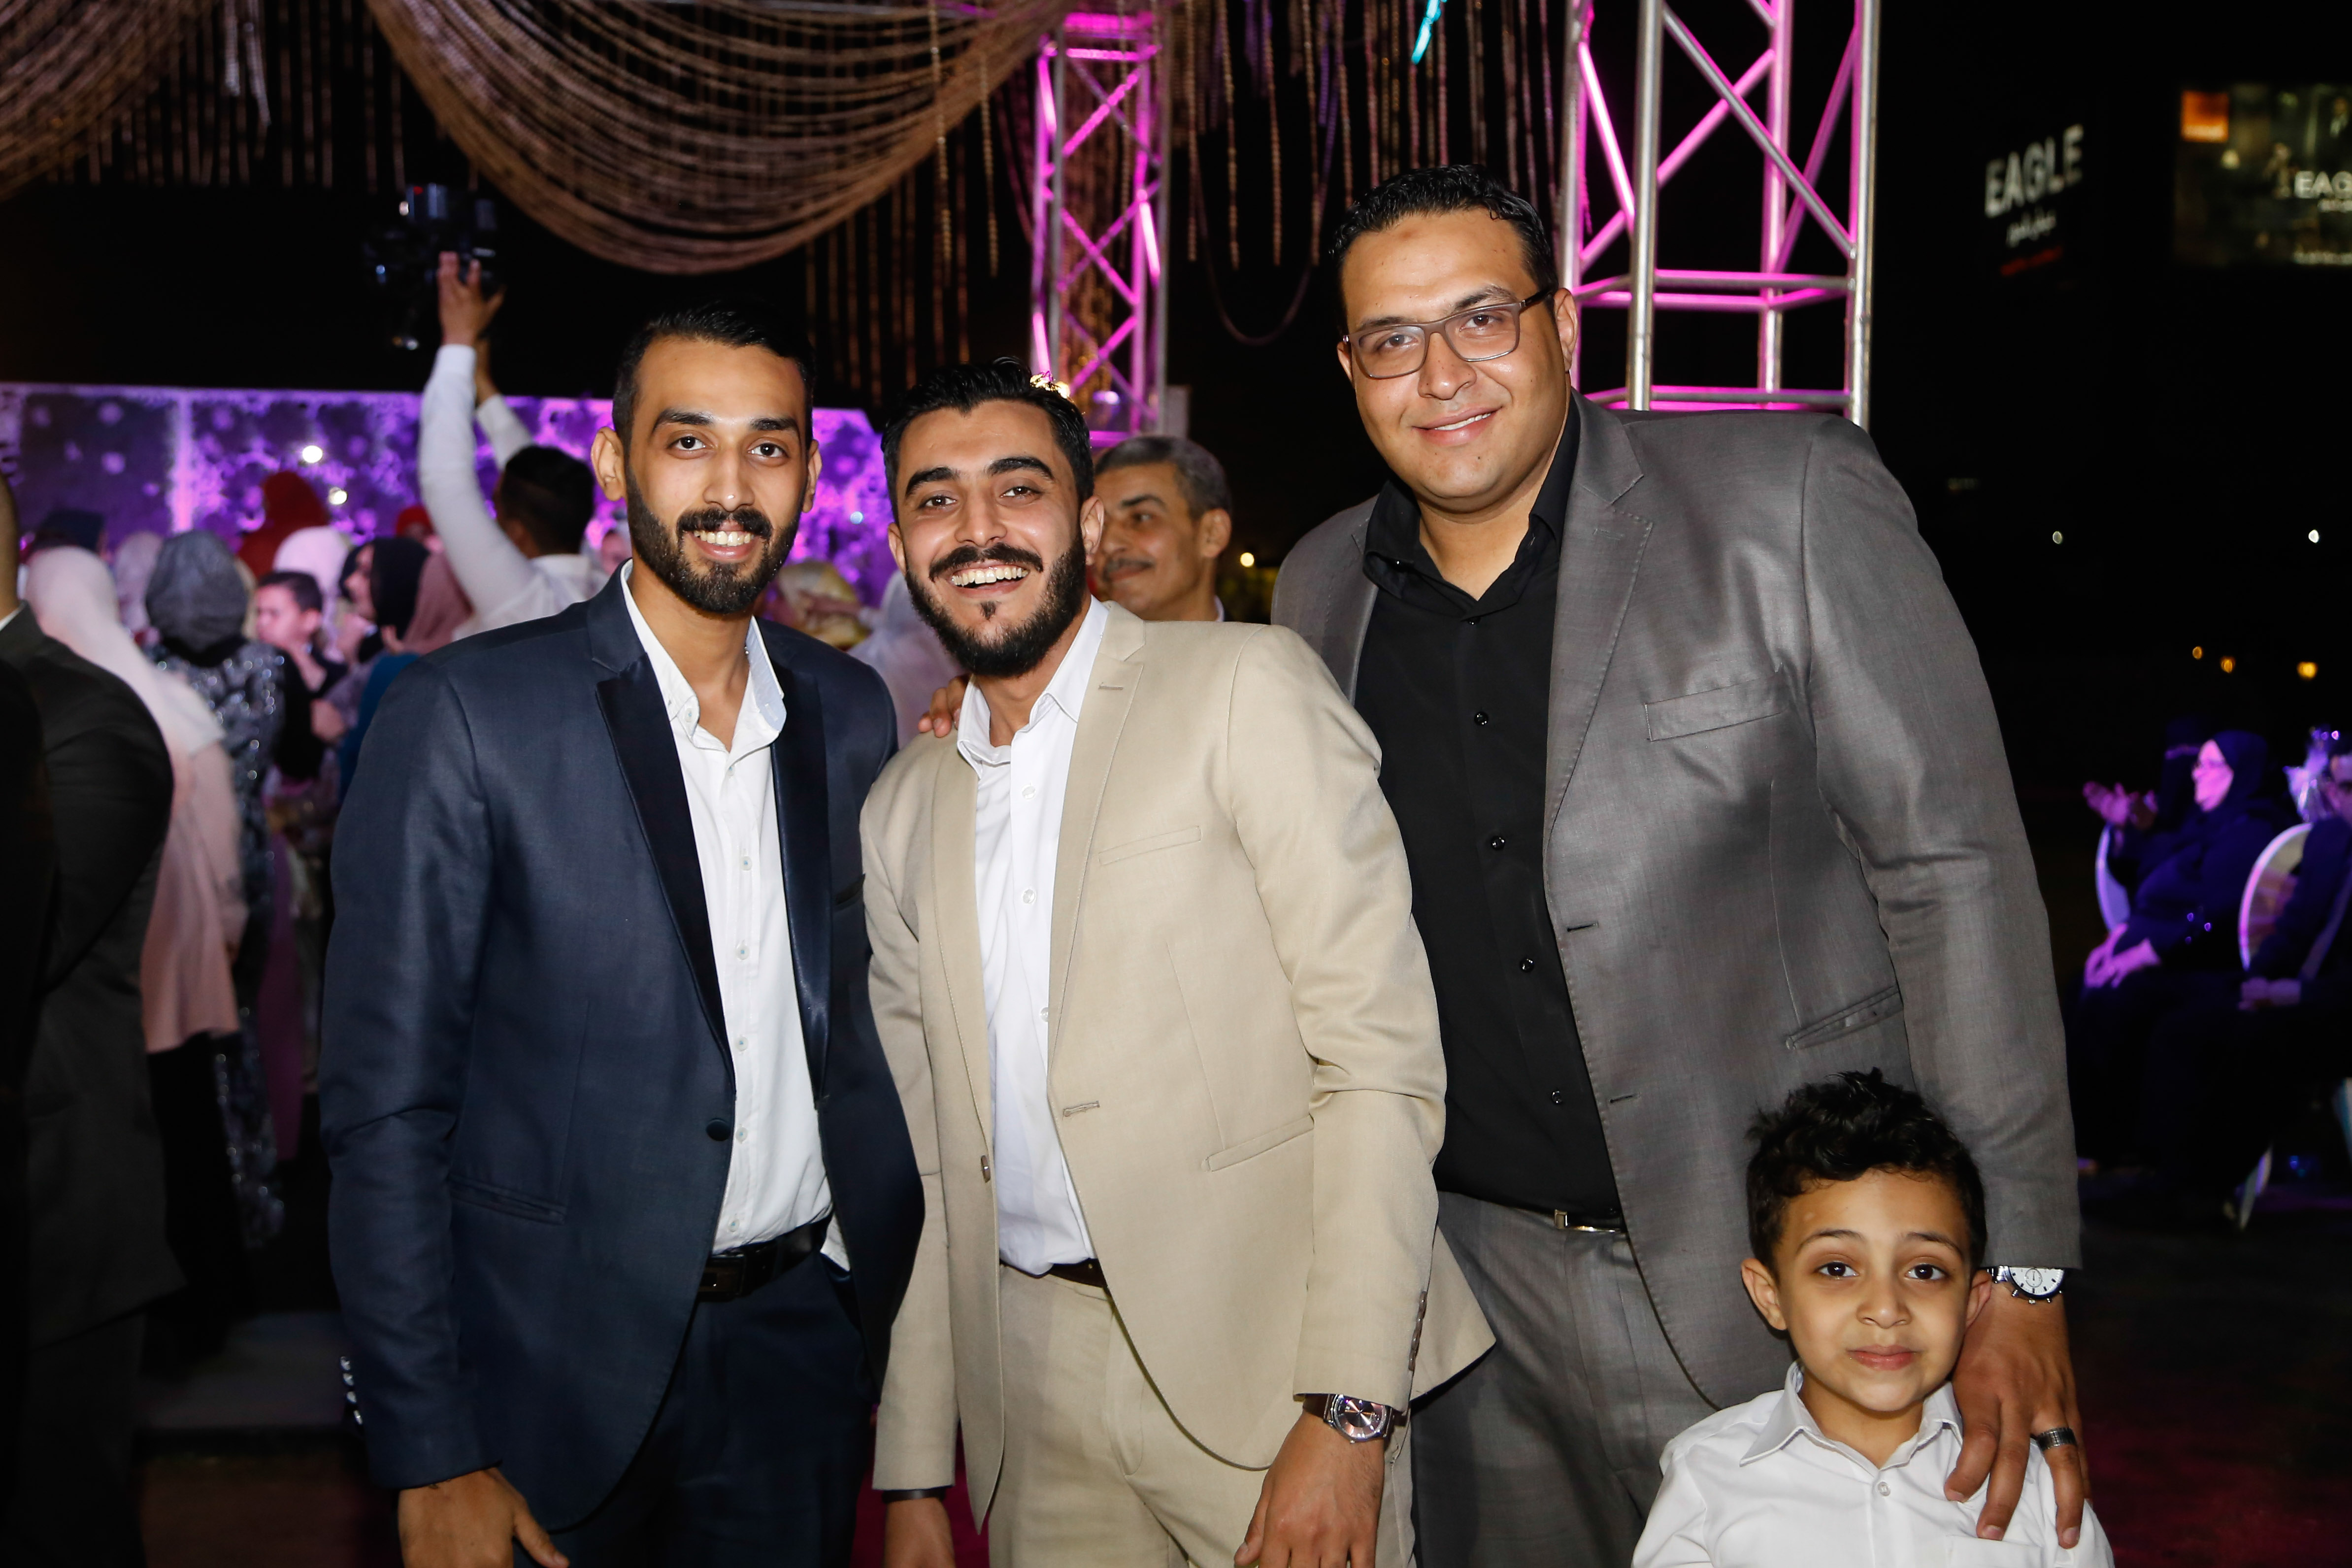 خطوبة الزميل أحمد طارق (50)